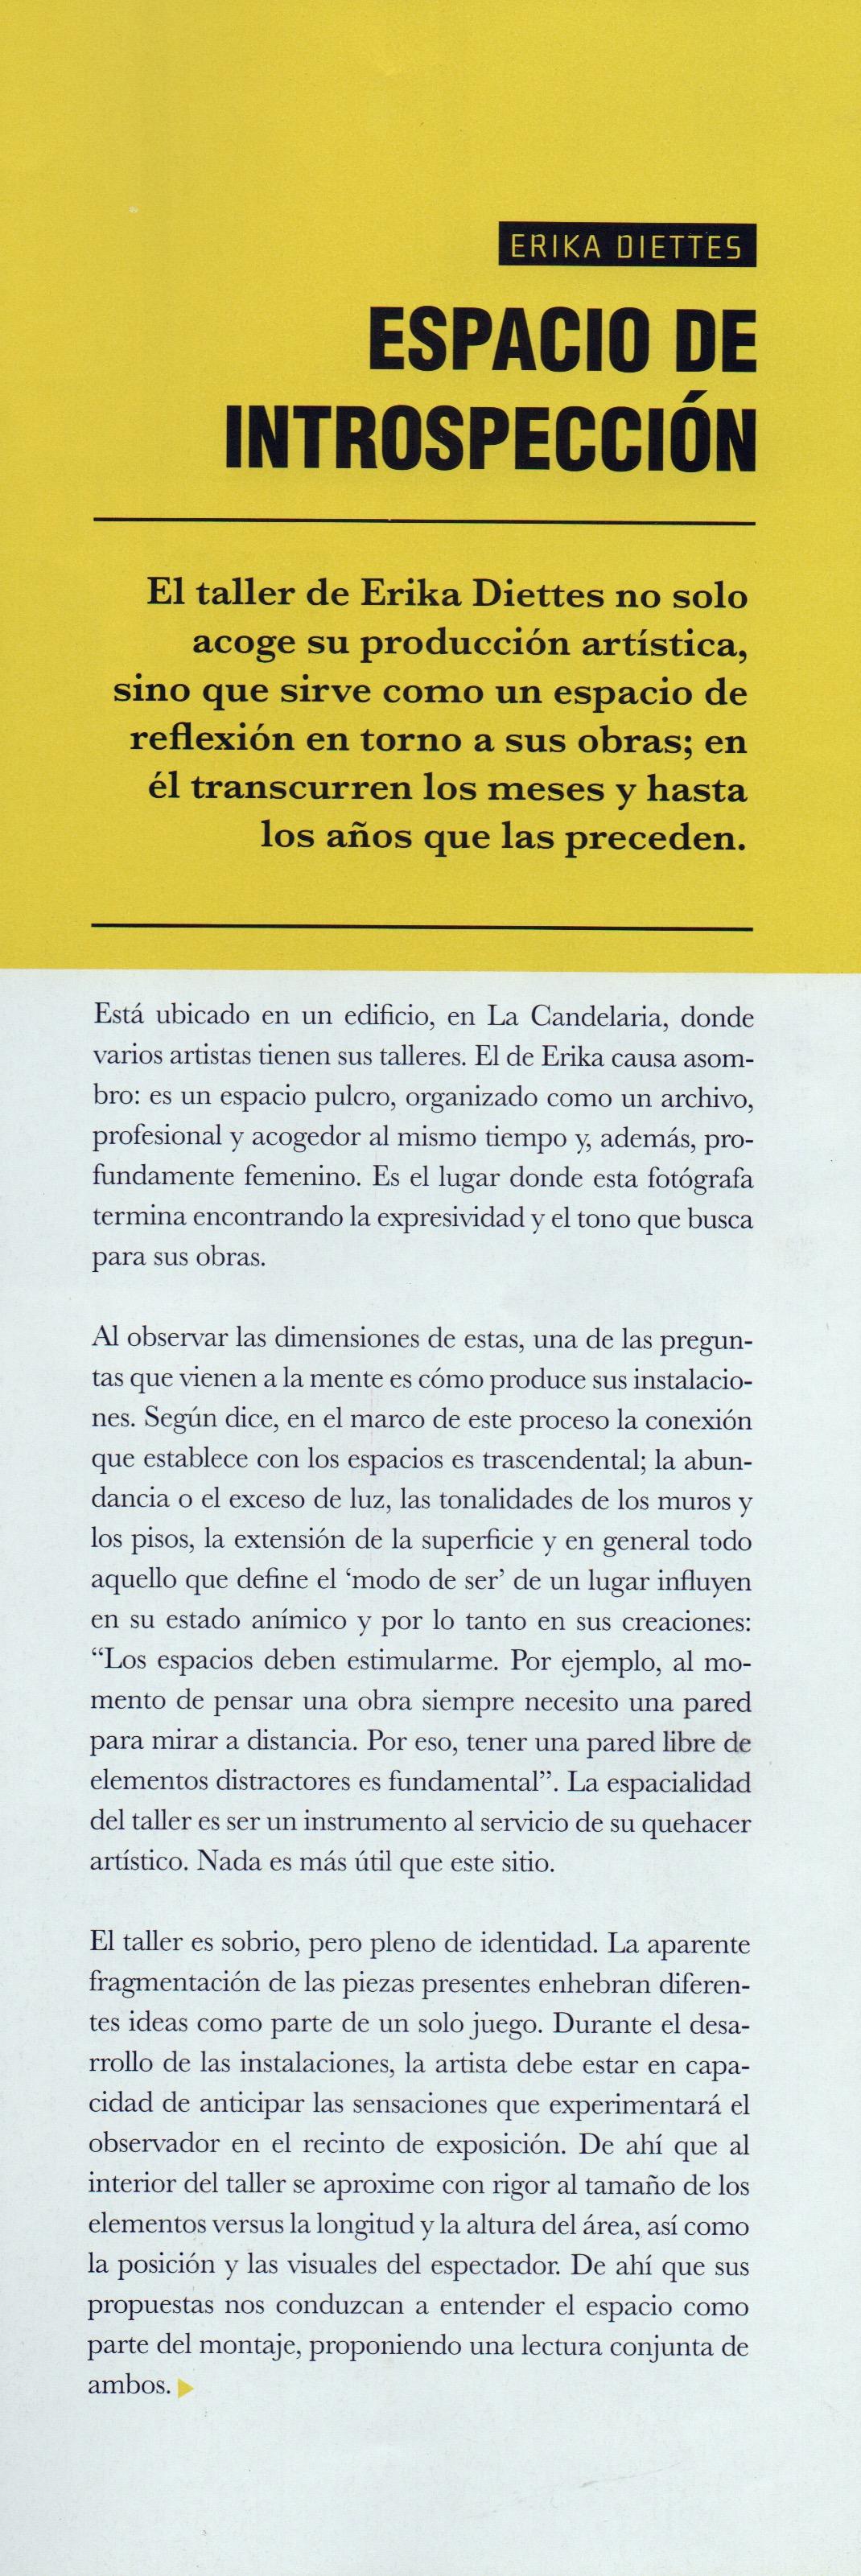 - Agradecimientos a Zandra Quintero Ovalle (Editora general)y a Fernando Gómez Echeverri(Director)